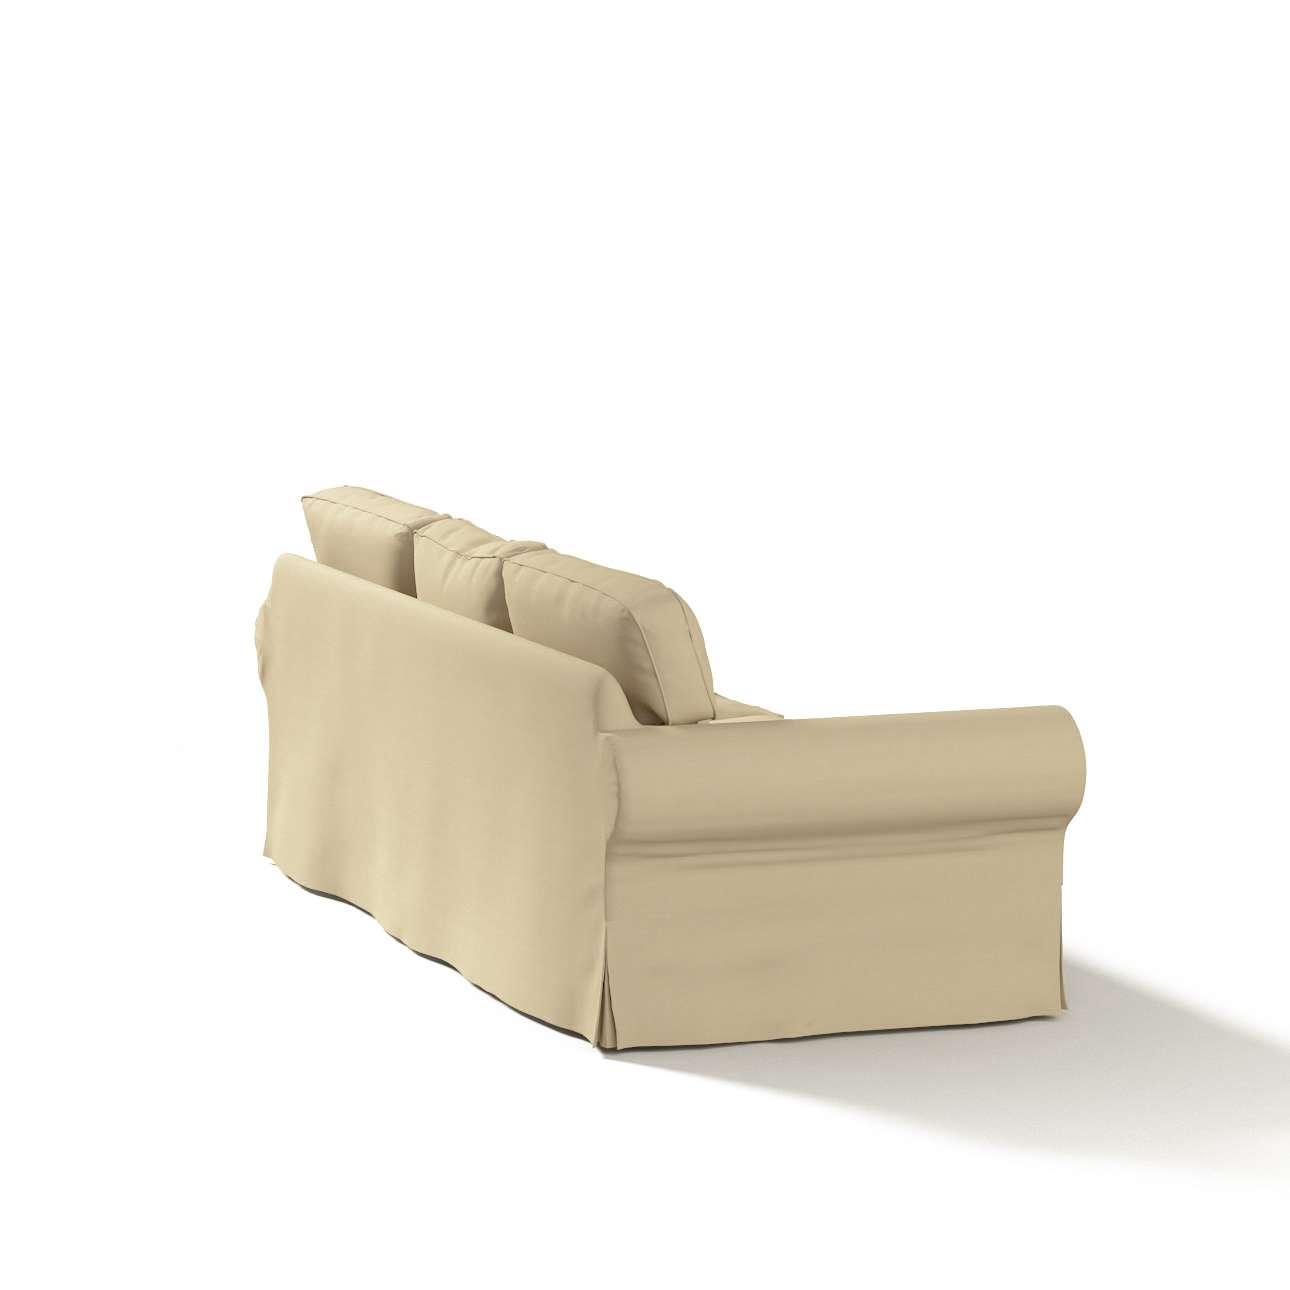 Ektorp trivietės sofos užvalkalas Ektorp trivietės sofos užvalkalas kolekcijoje Cotton Panama, audinys: 702-01